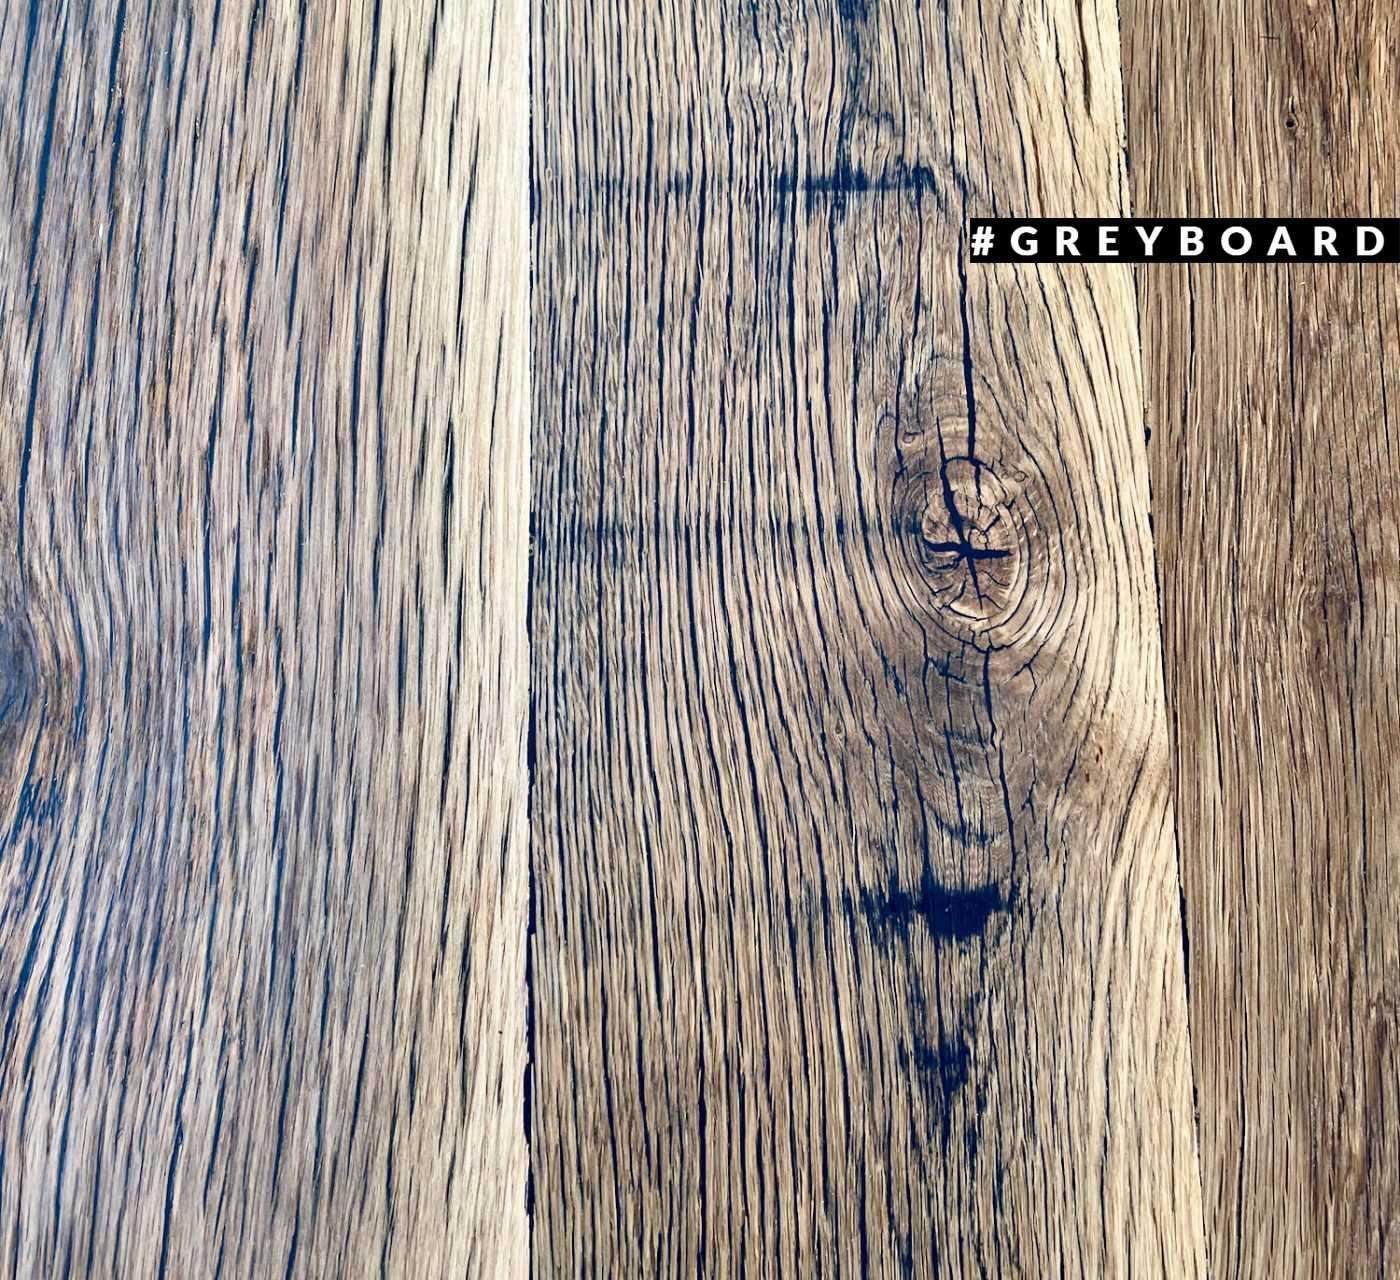 Удлиненная столешница из старой дубовой доски